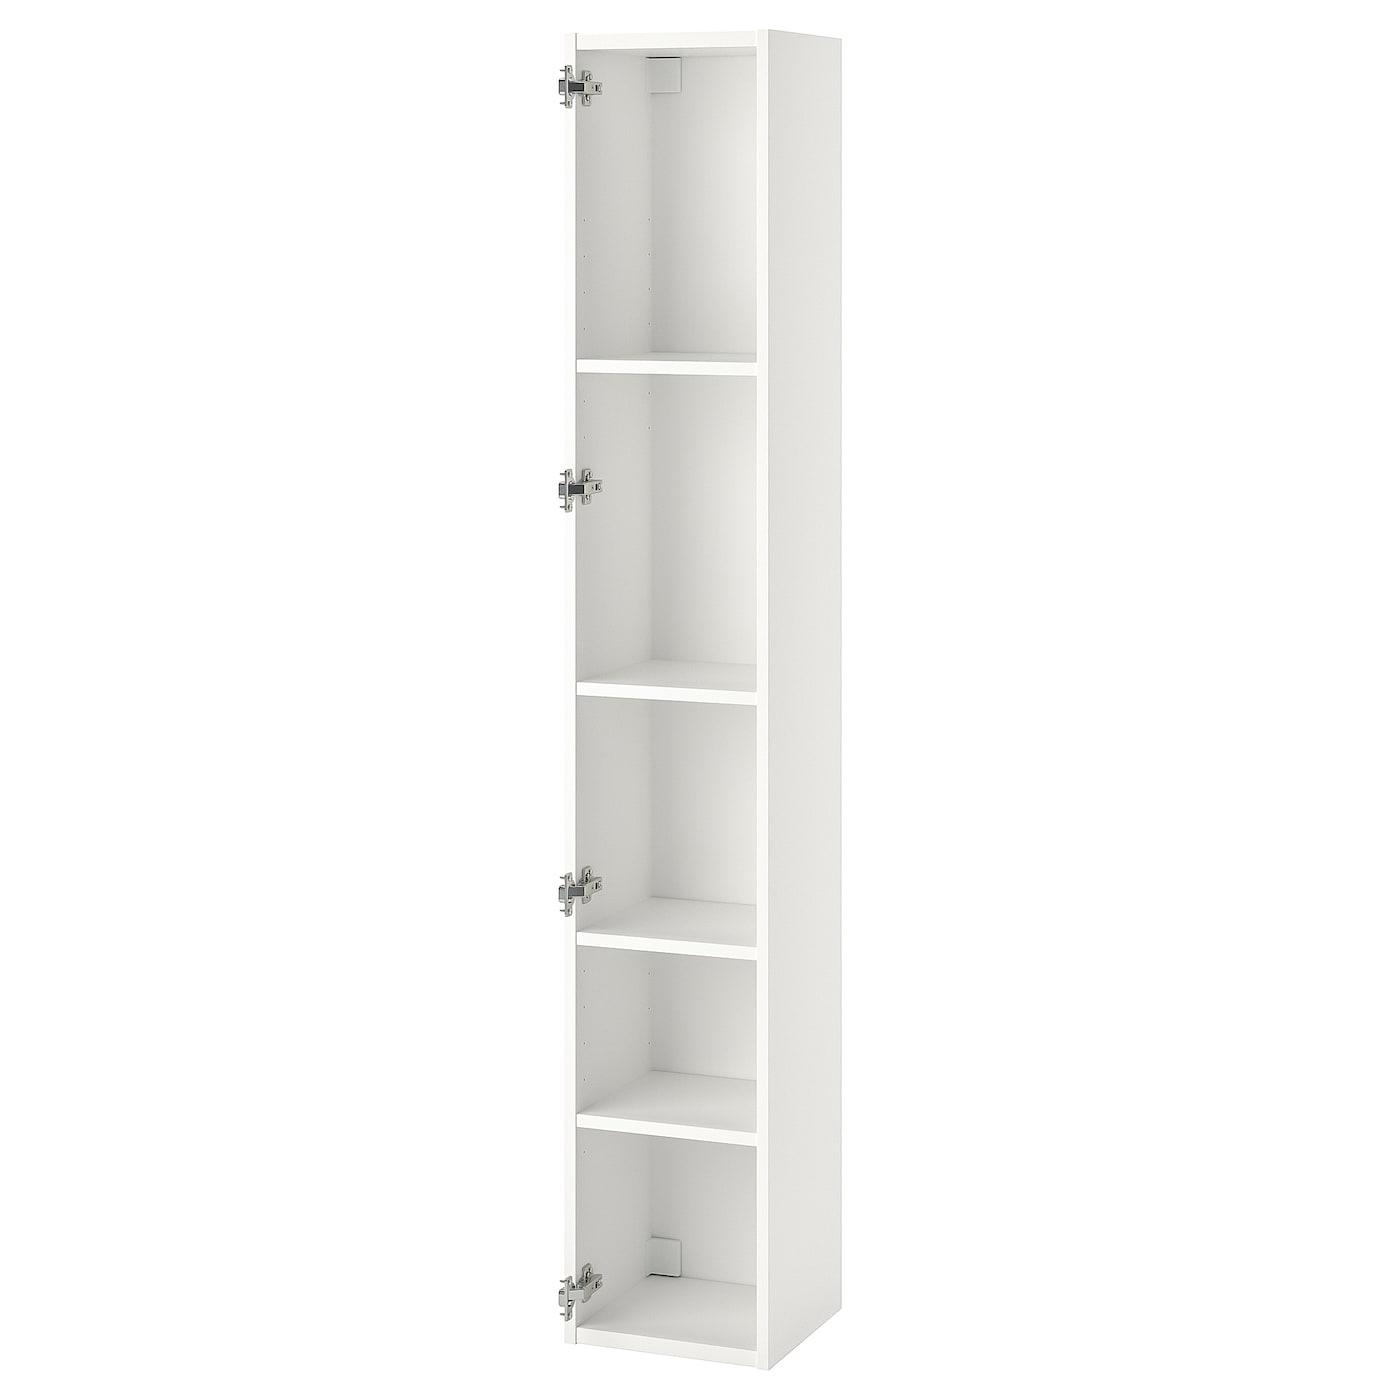 ENHET High cb w 4 shelves white 30x30x180 cm